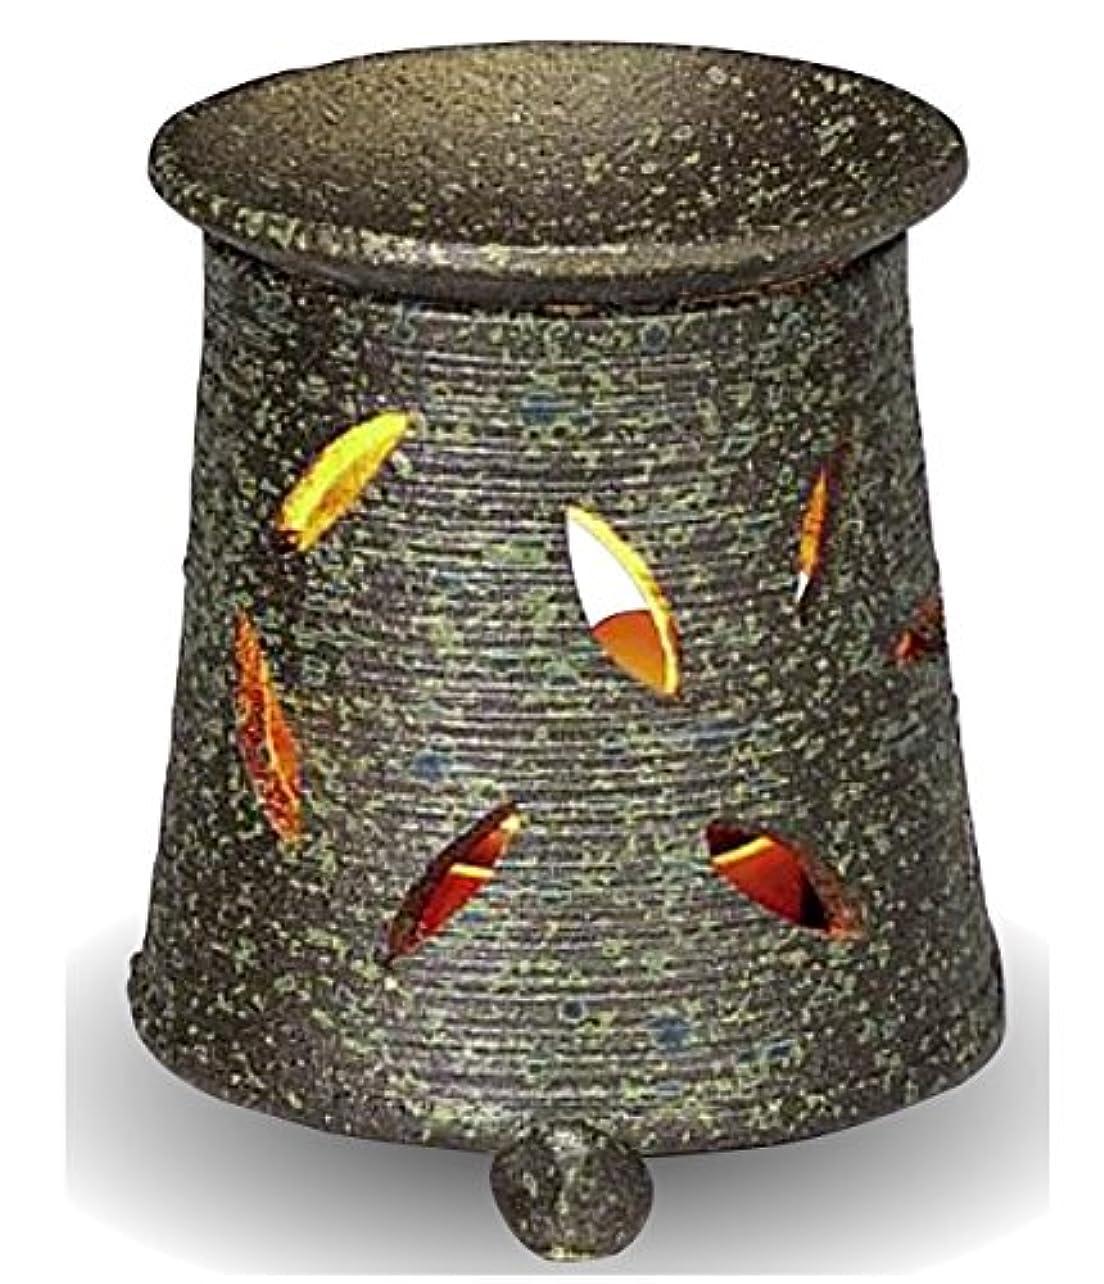 に慣れ出くわす光景常滑焼 茶香炉(アロマポット)径9.5×高さ10.5cm